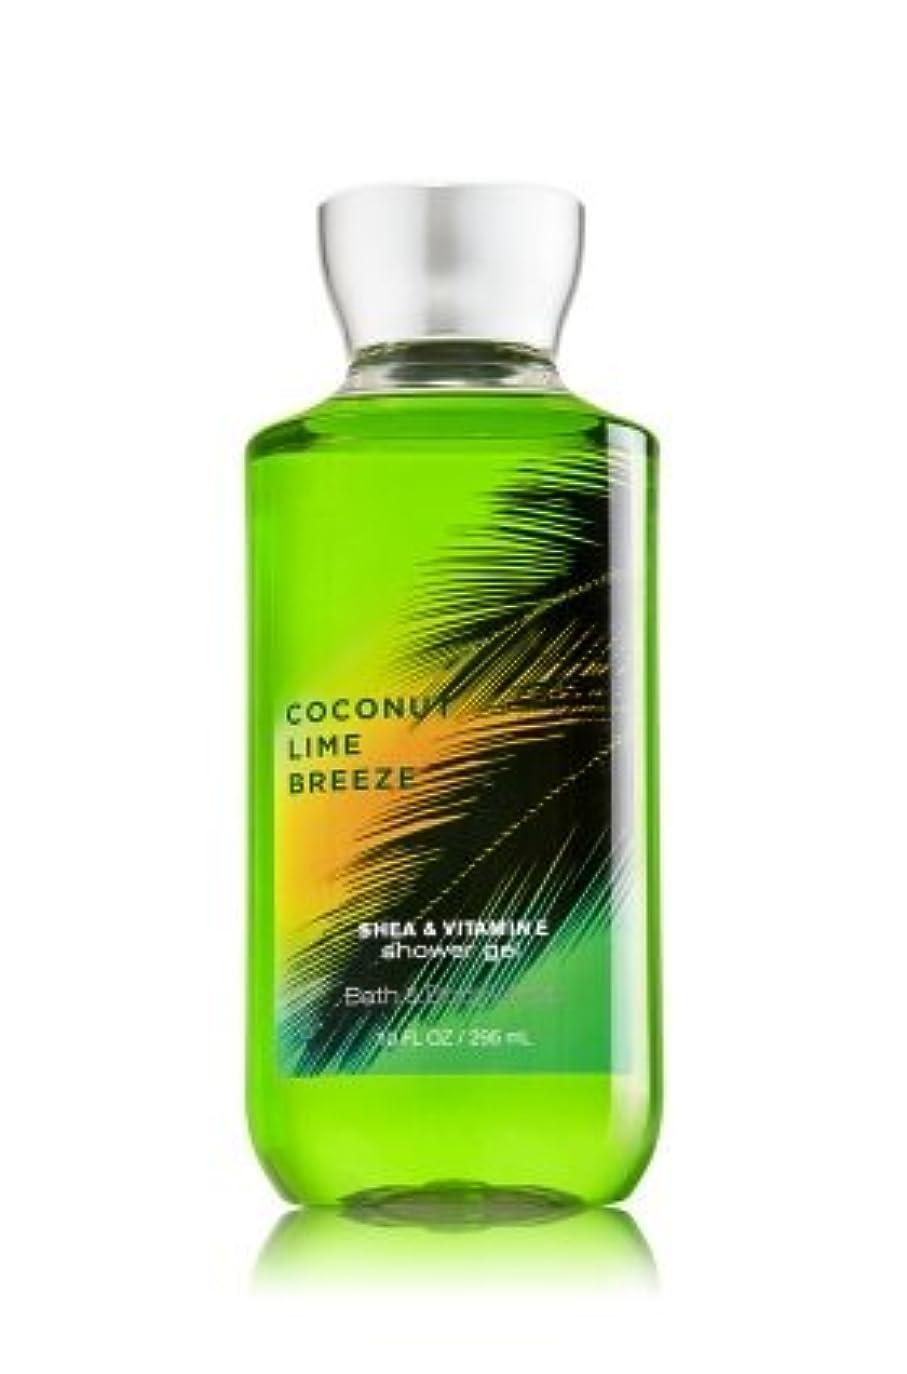 ベイビーティッシュ野望【Bath&Body Works/バス&ボディワークス】 シャワージェル ココナッツライムブリーズ Shower Gel Coconut Lime Breeze 10 fl oz / 295 mL [並行輸入品]